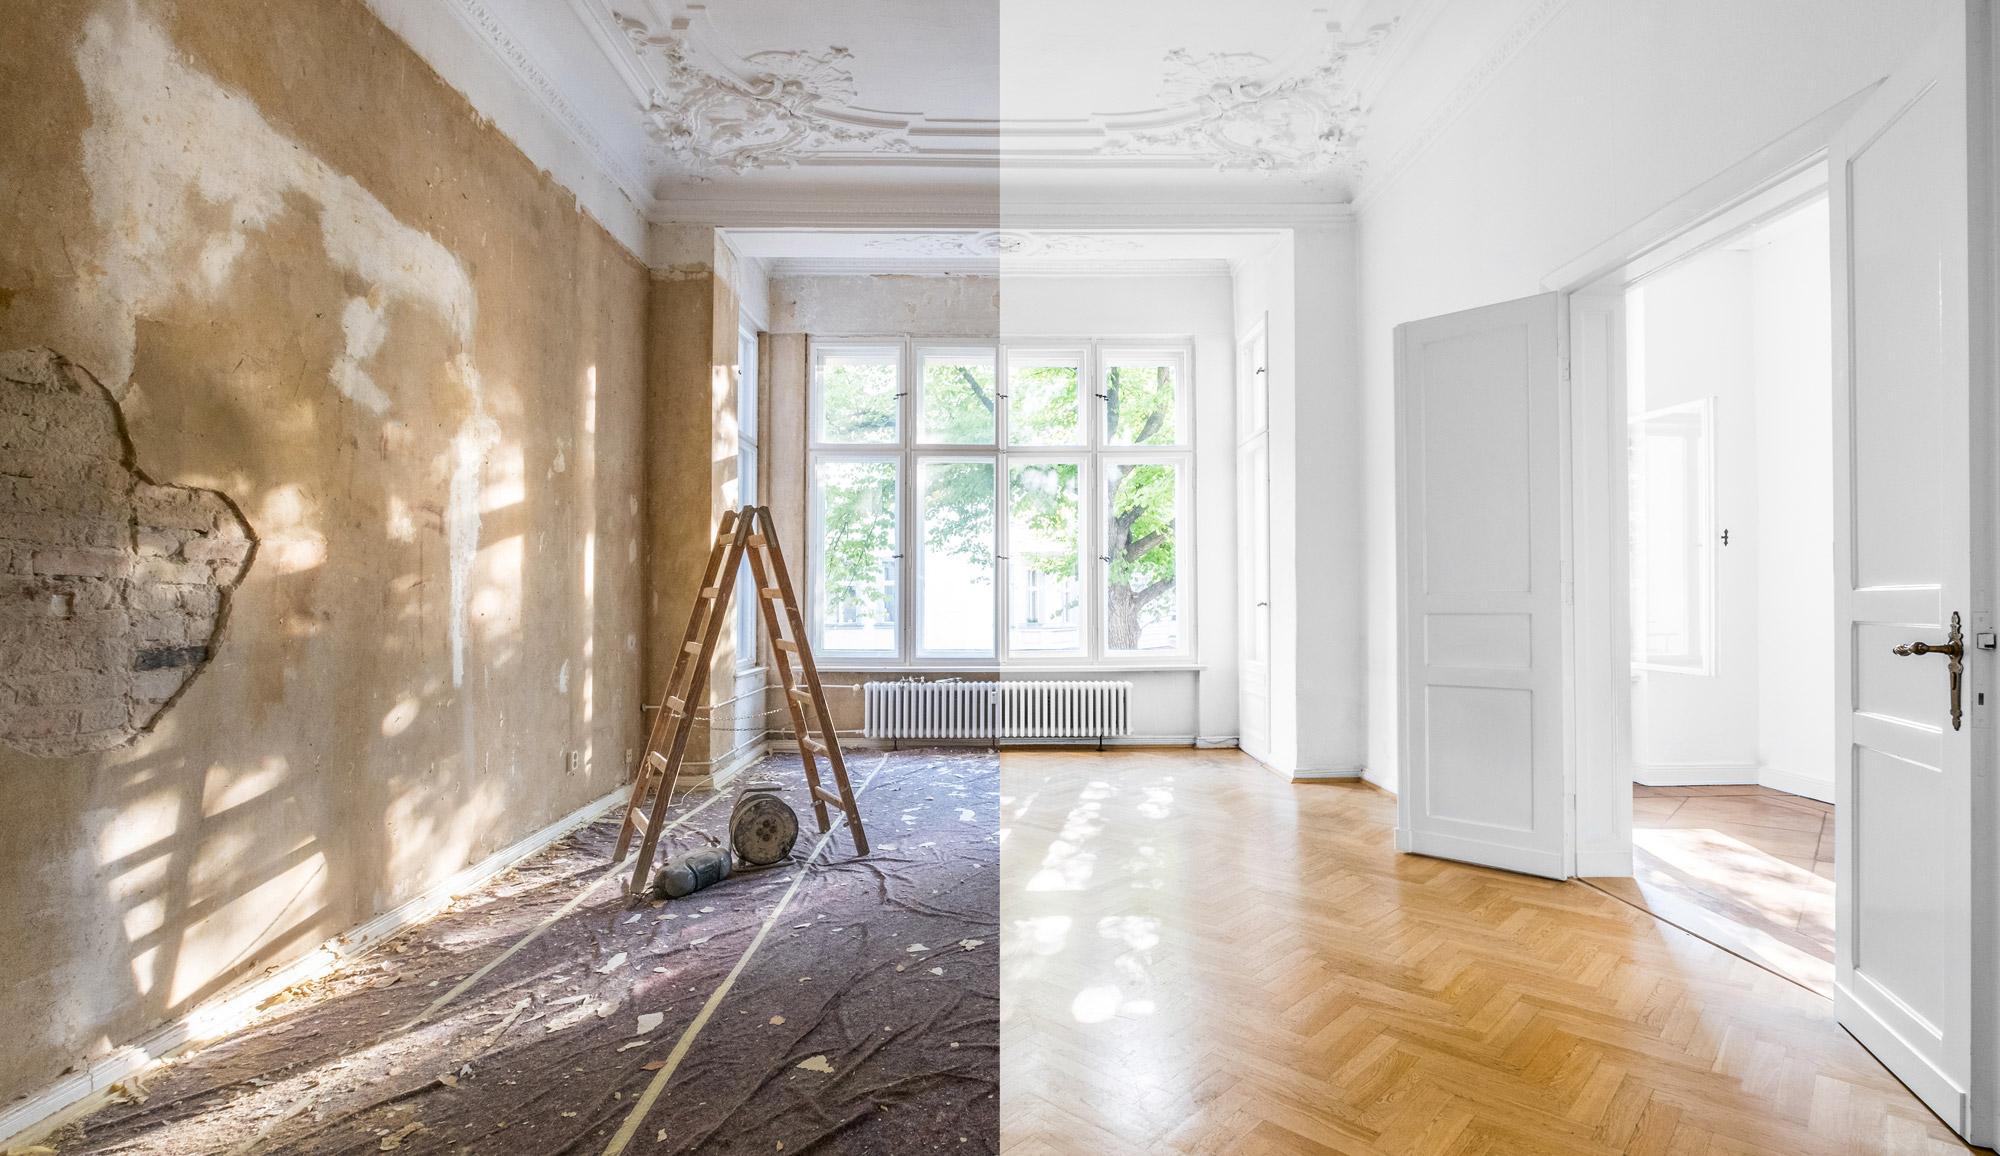 ecobonus 2020 superbonus 110 agevolazioni fiscali lavori ritrutturazione edilizia casa condominio